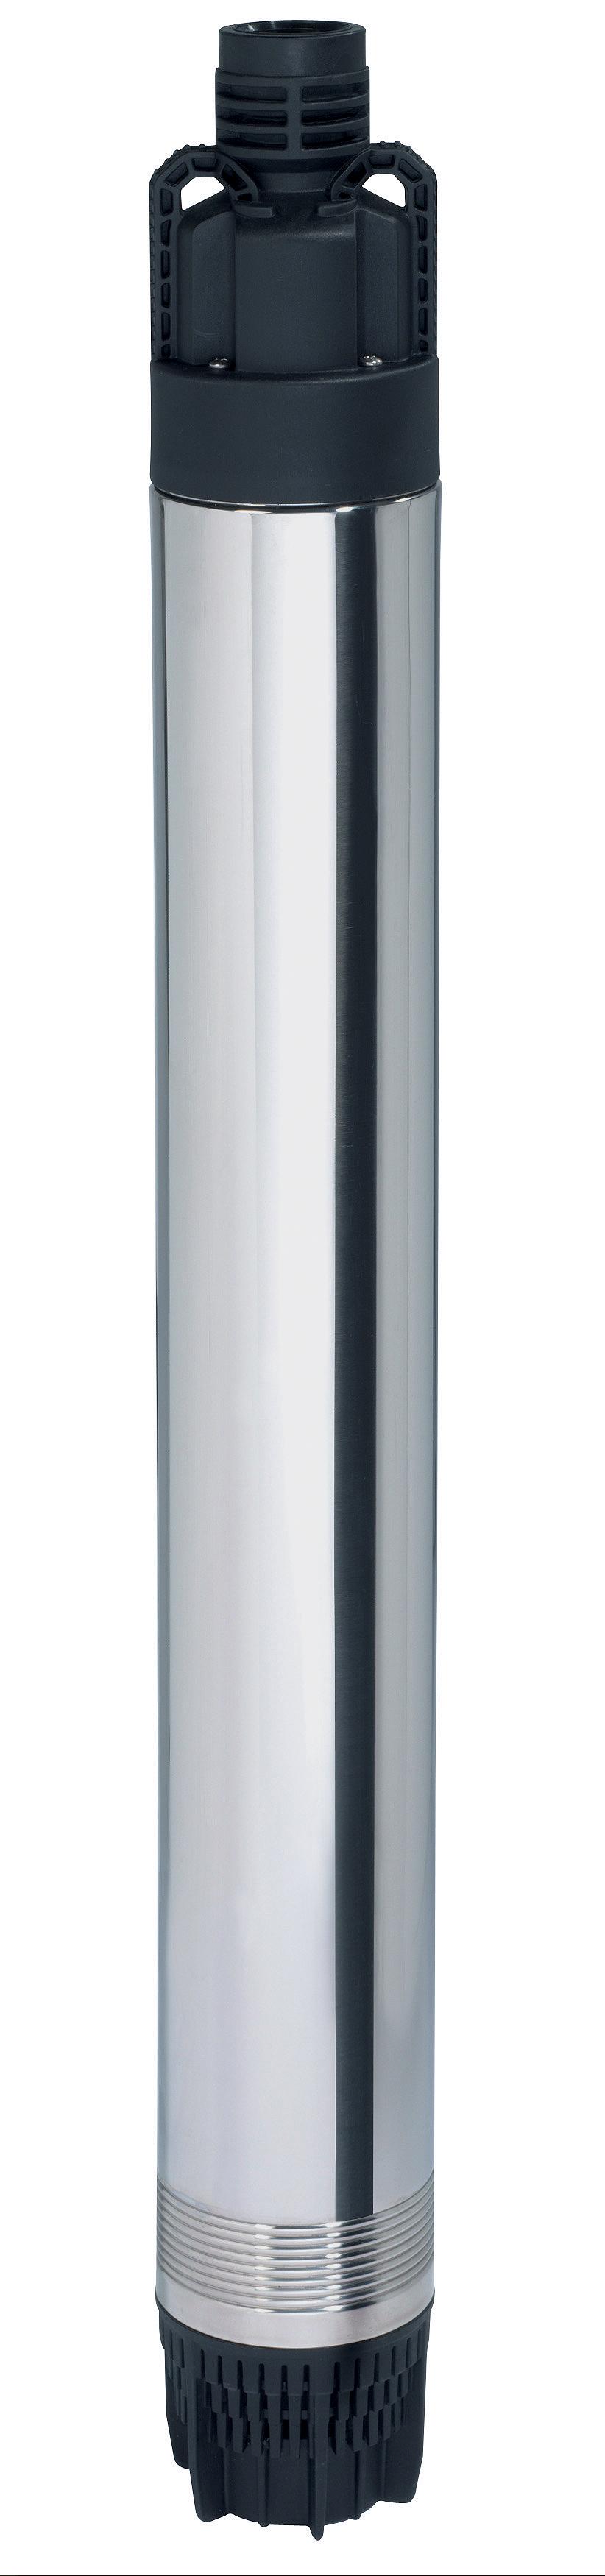 Скважинный насос Metabo Tbp 5000 m (250500050)